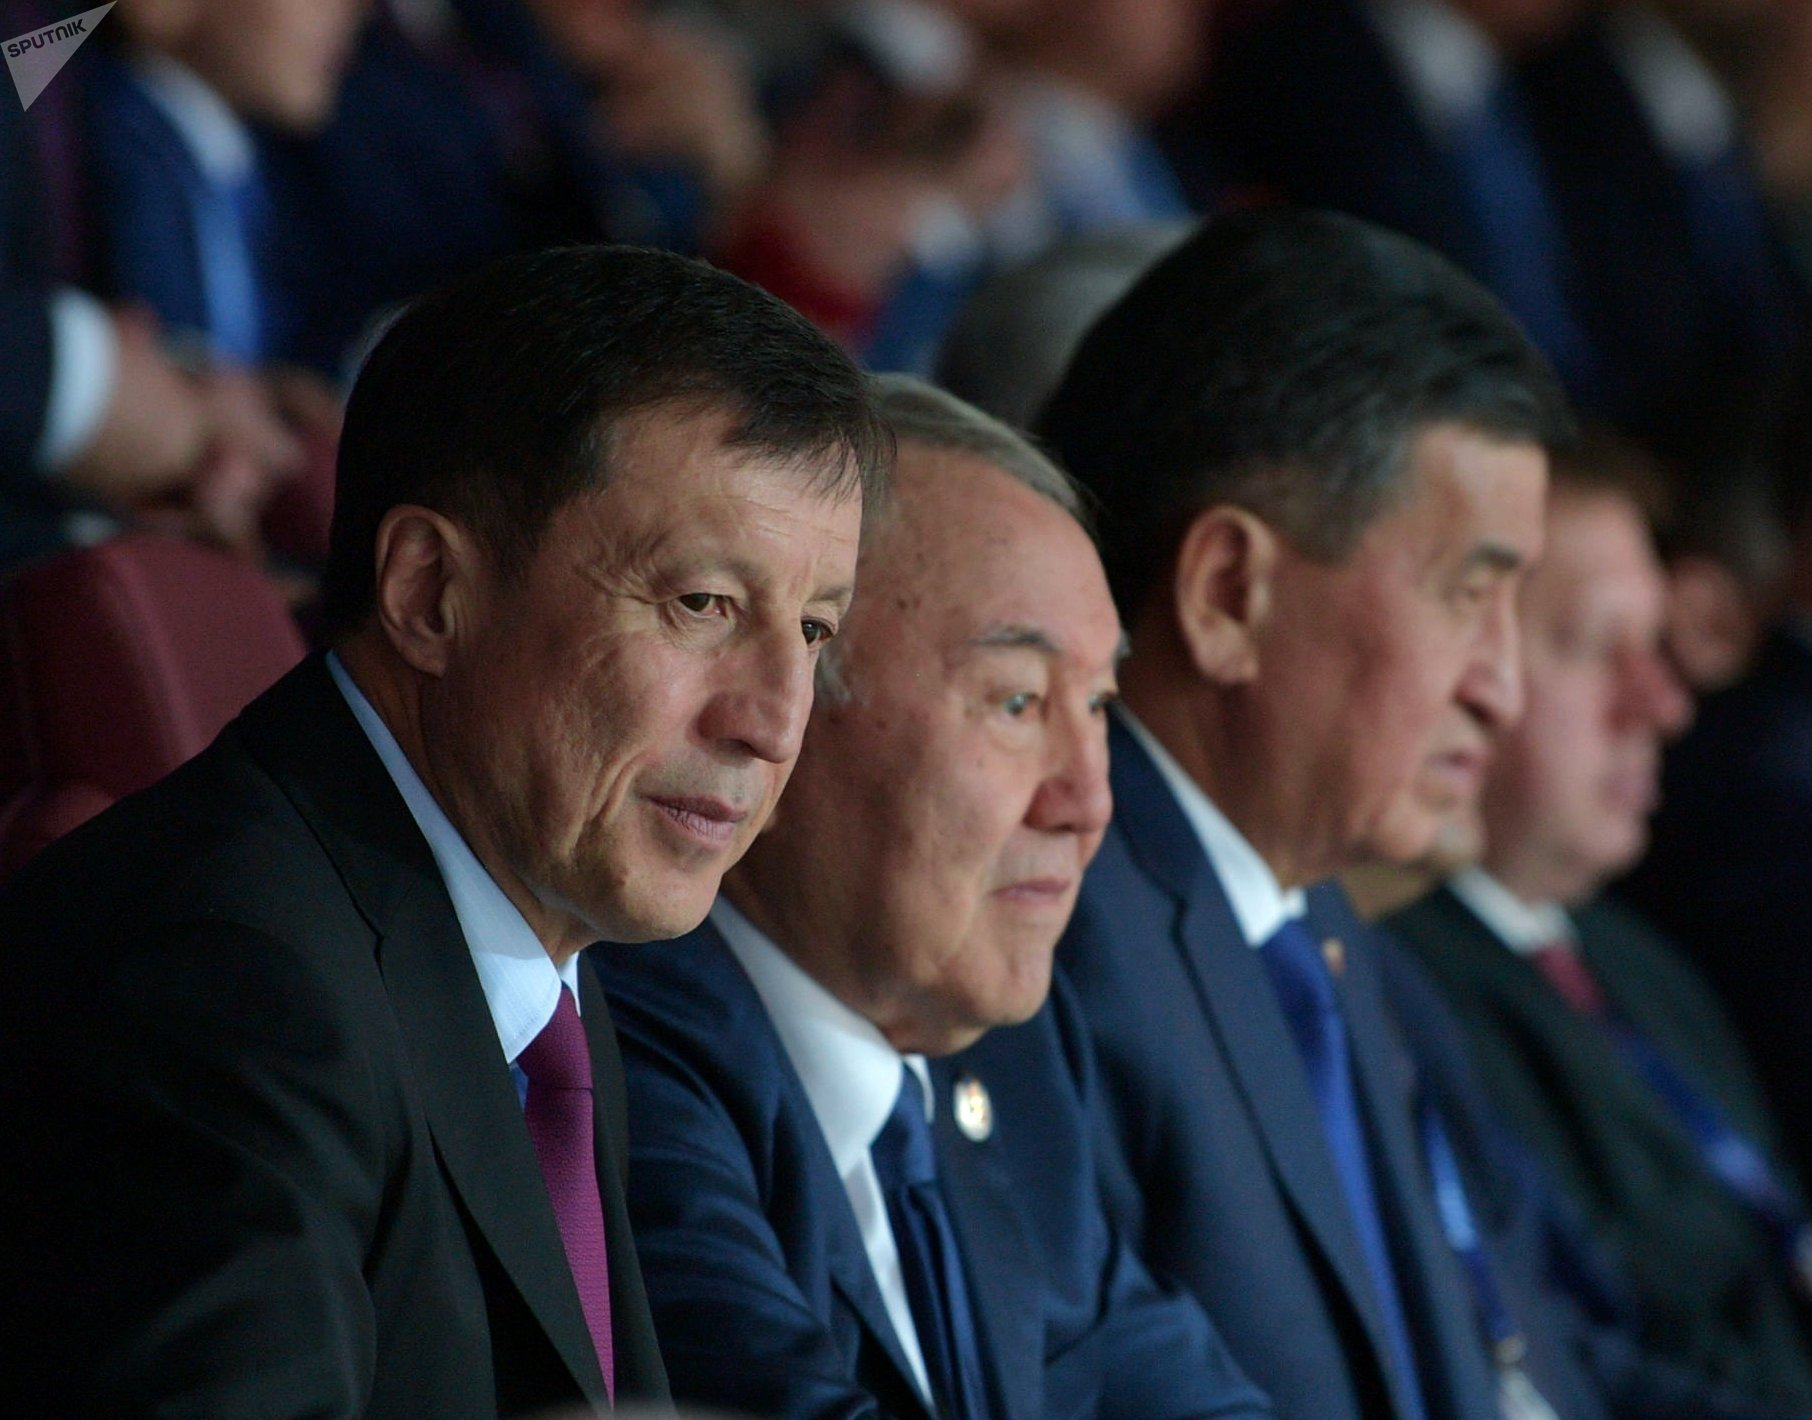 Руководитель администрации президента Казахстана Адильбек Джаксыбеков, президент Казахстана Нурсултан Назарбаев и президент Кыргызстана Сооронбай Жээнбеков